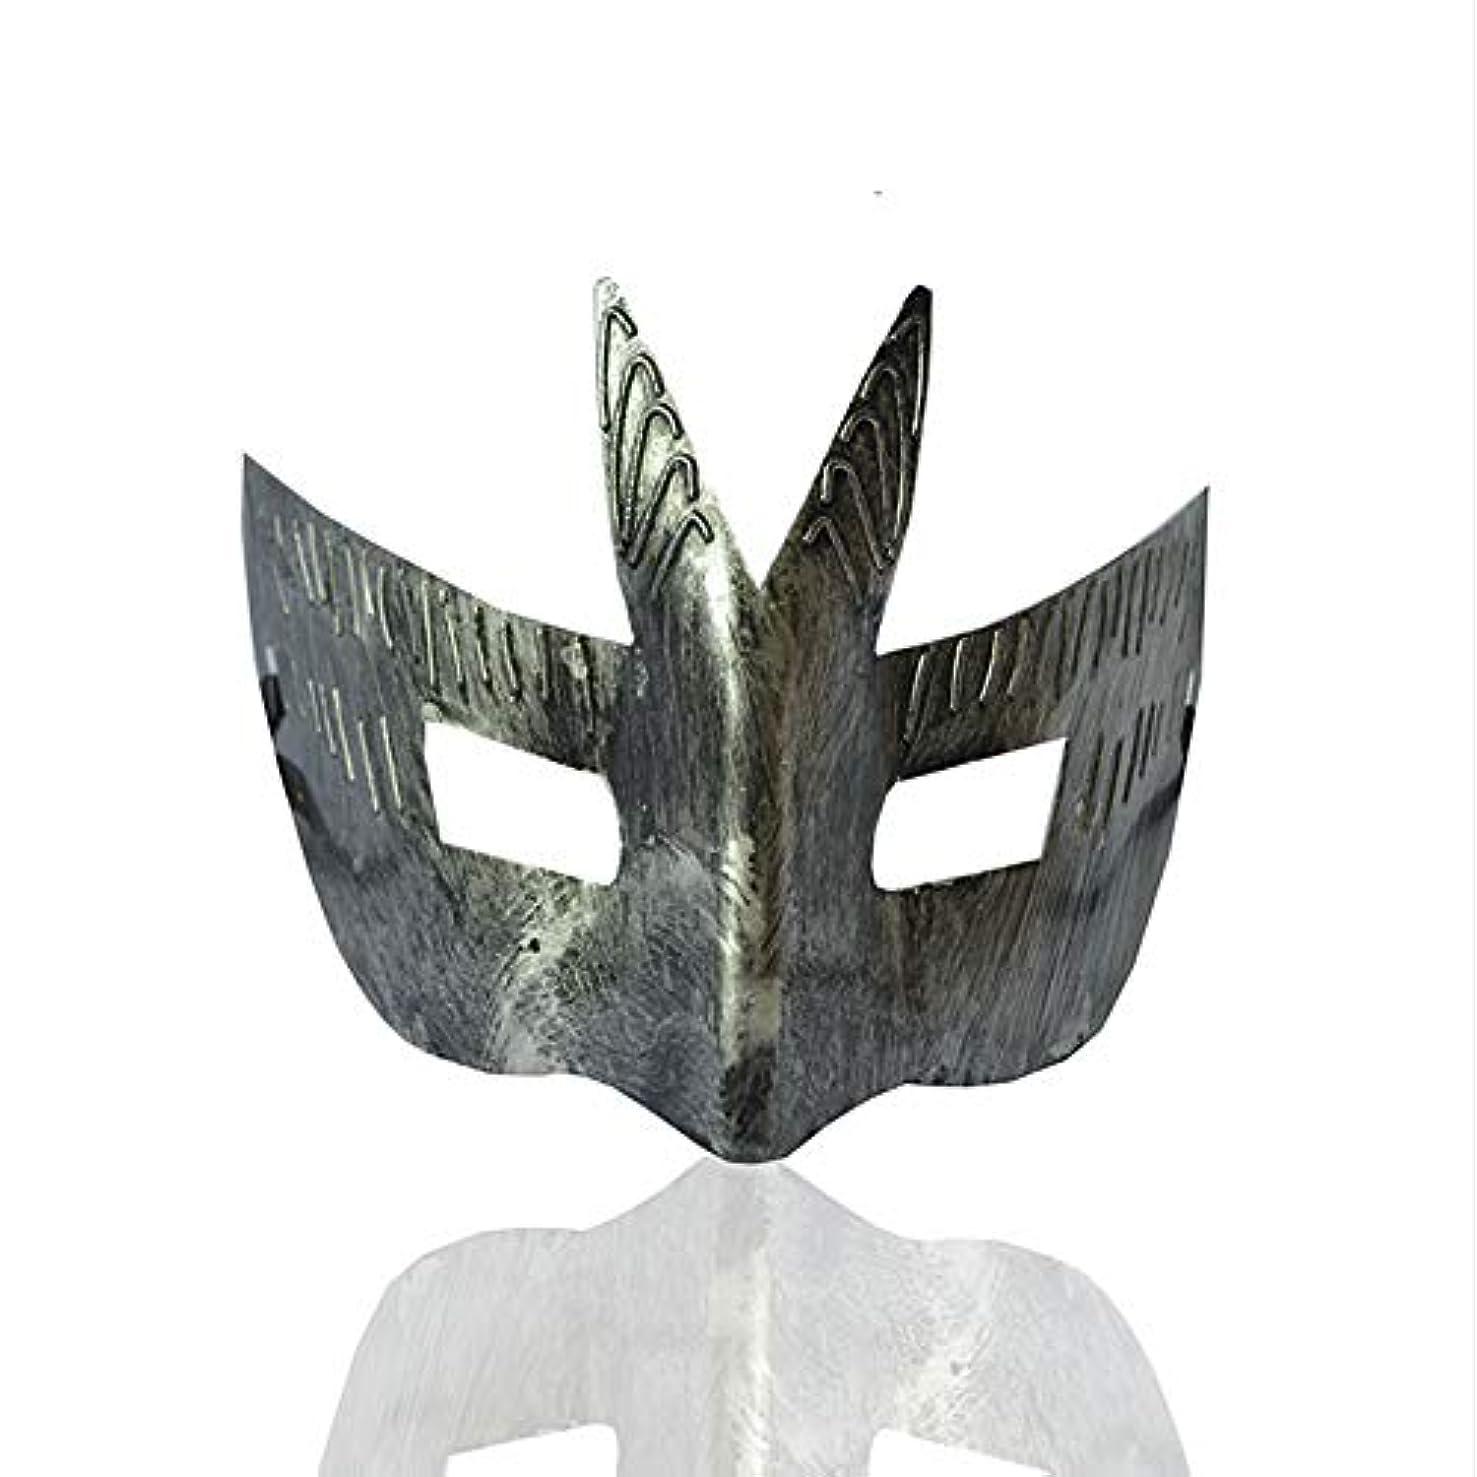 単調な穏やかなルームハロウィーン仮装マスクレトロジャズハーフフェイス男性ダンスマスク (Color : B)